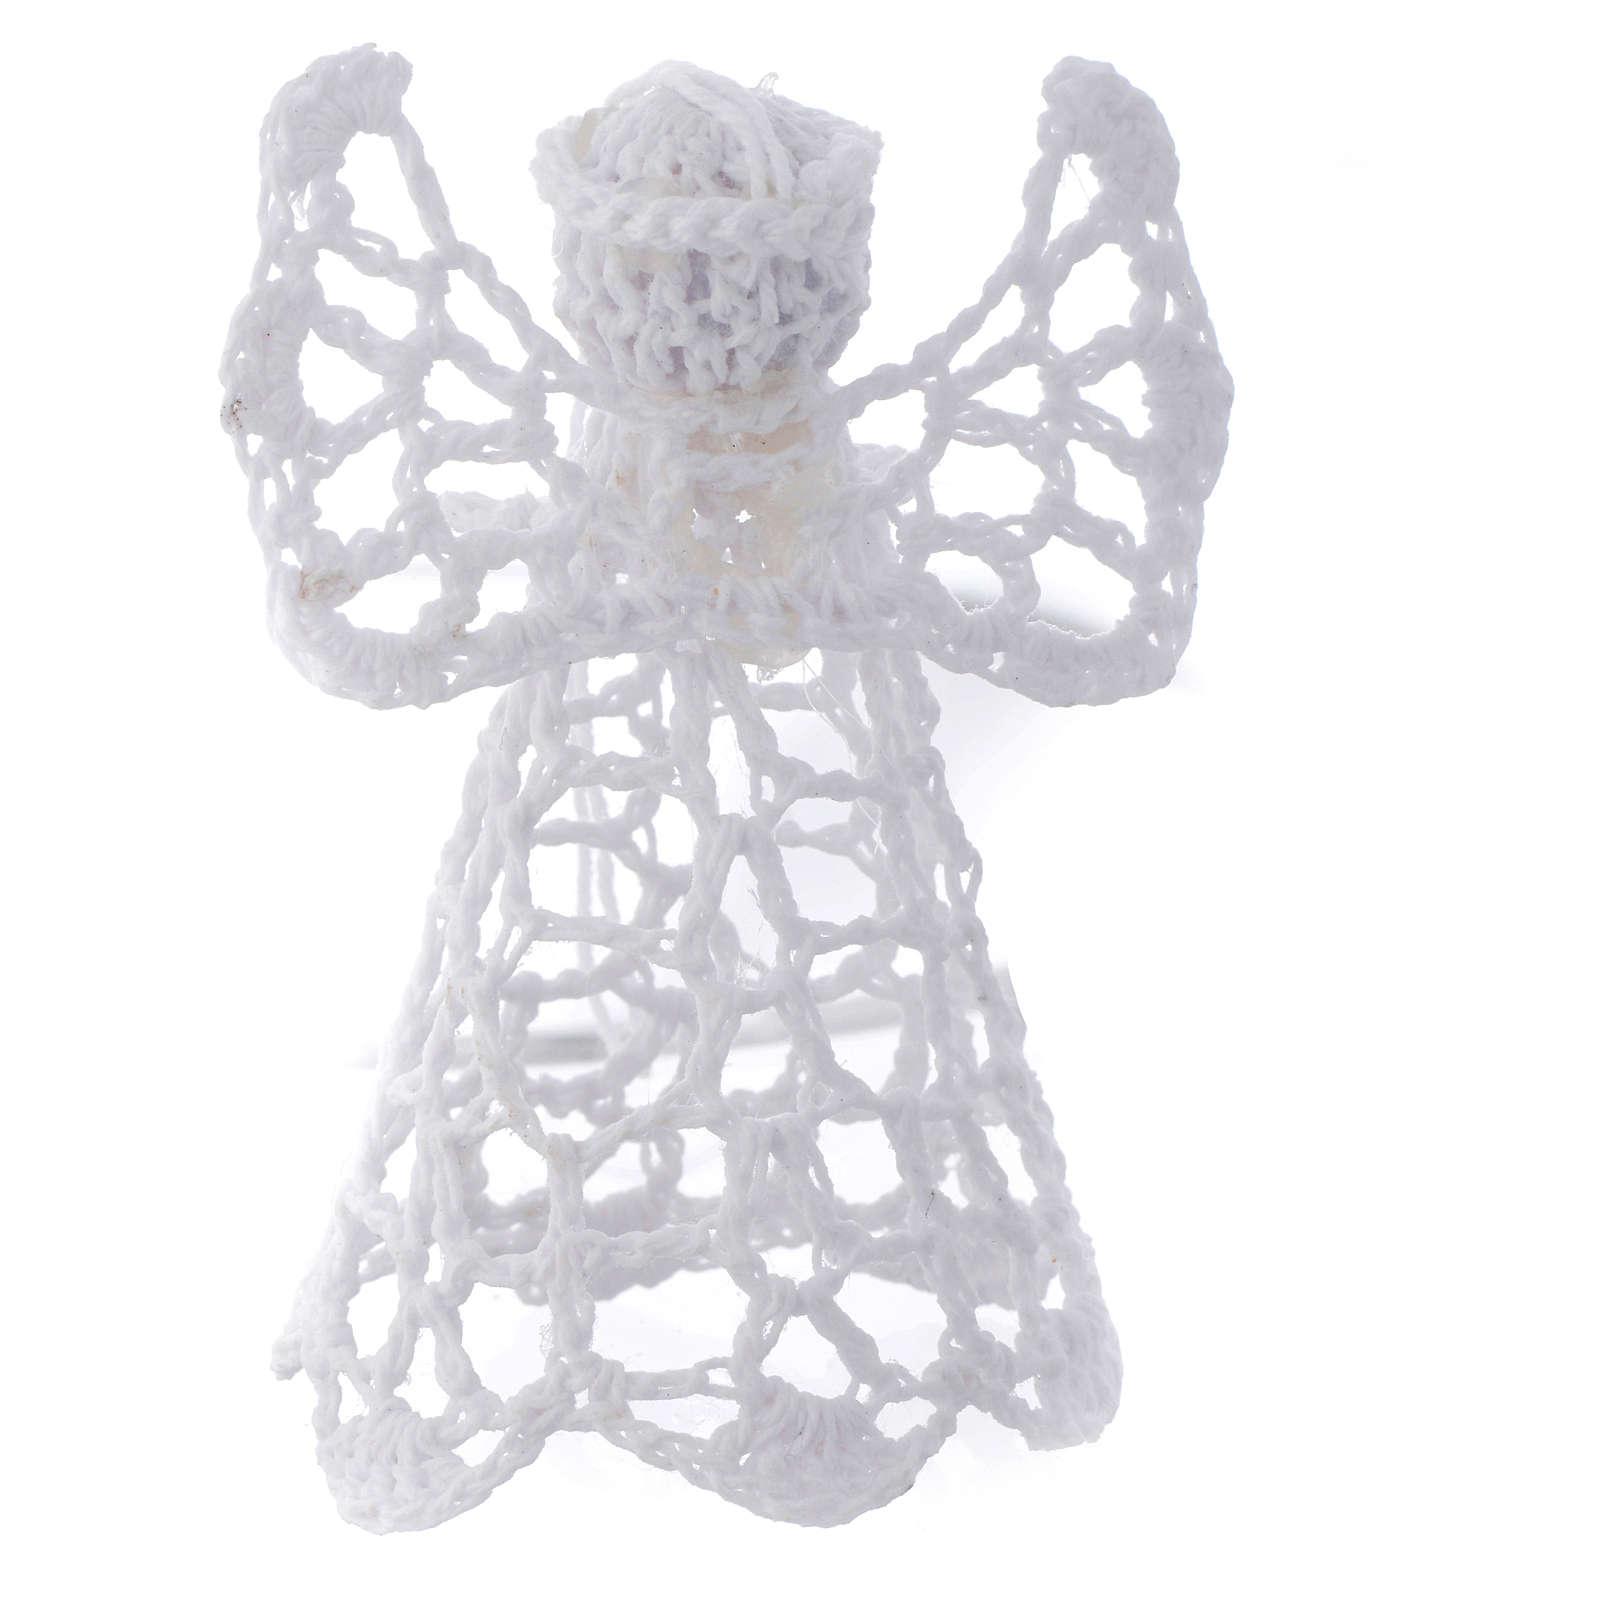 Adorno árvore Natal anjo bordado branco 4